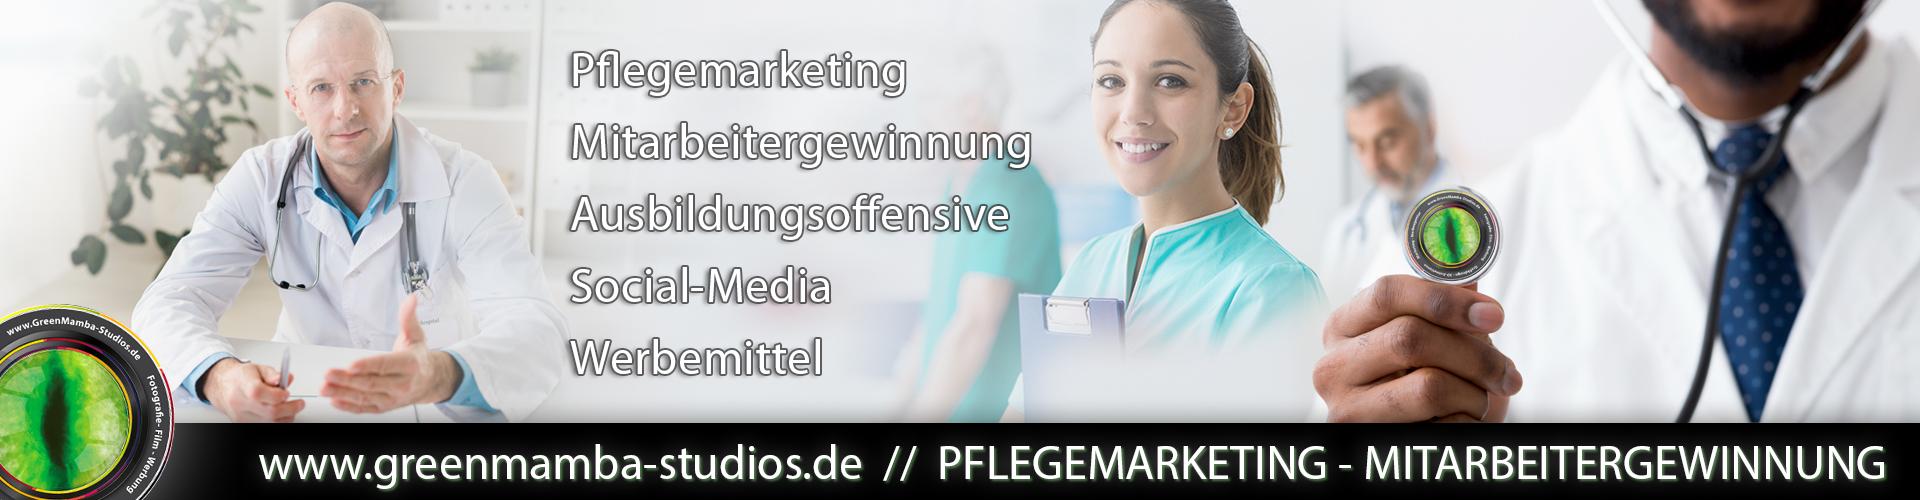 Pflegemarketing - Dülmen, Haltern, Münster, Marl, Lüdinghausen, Coesfeld